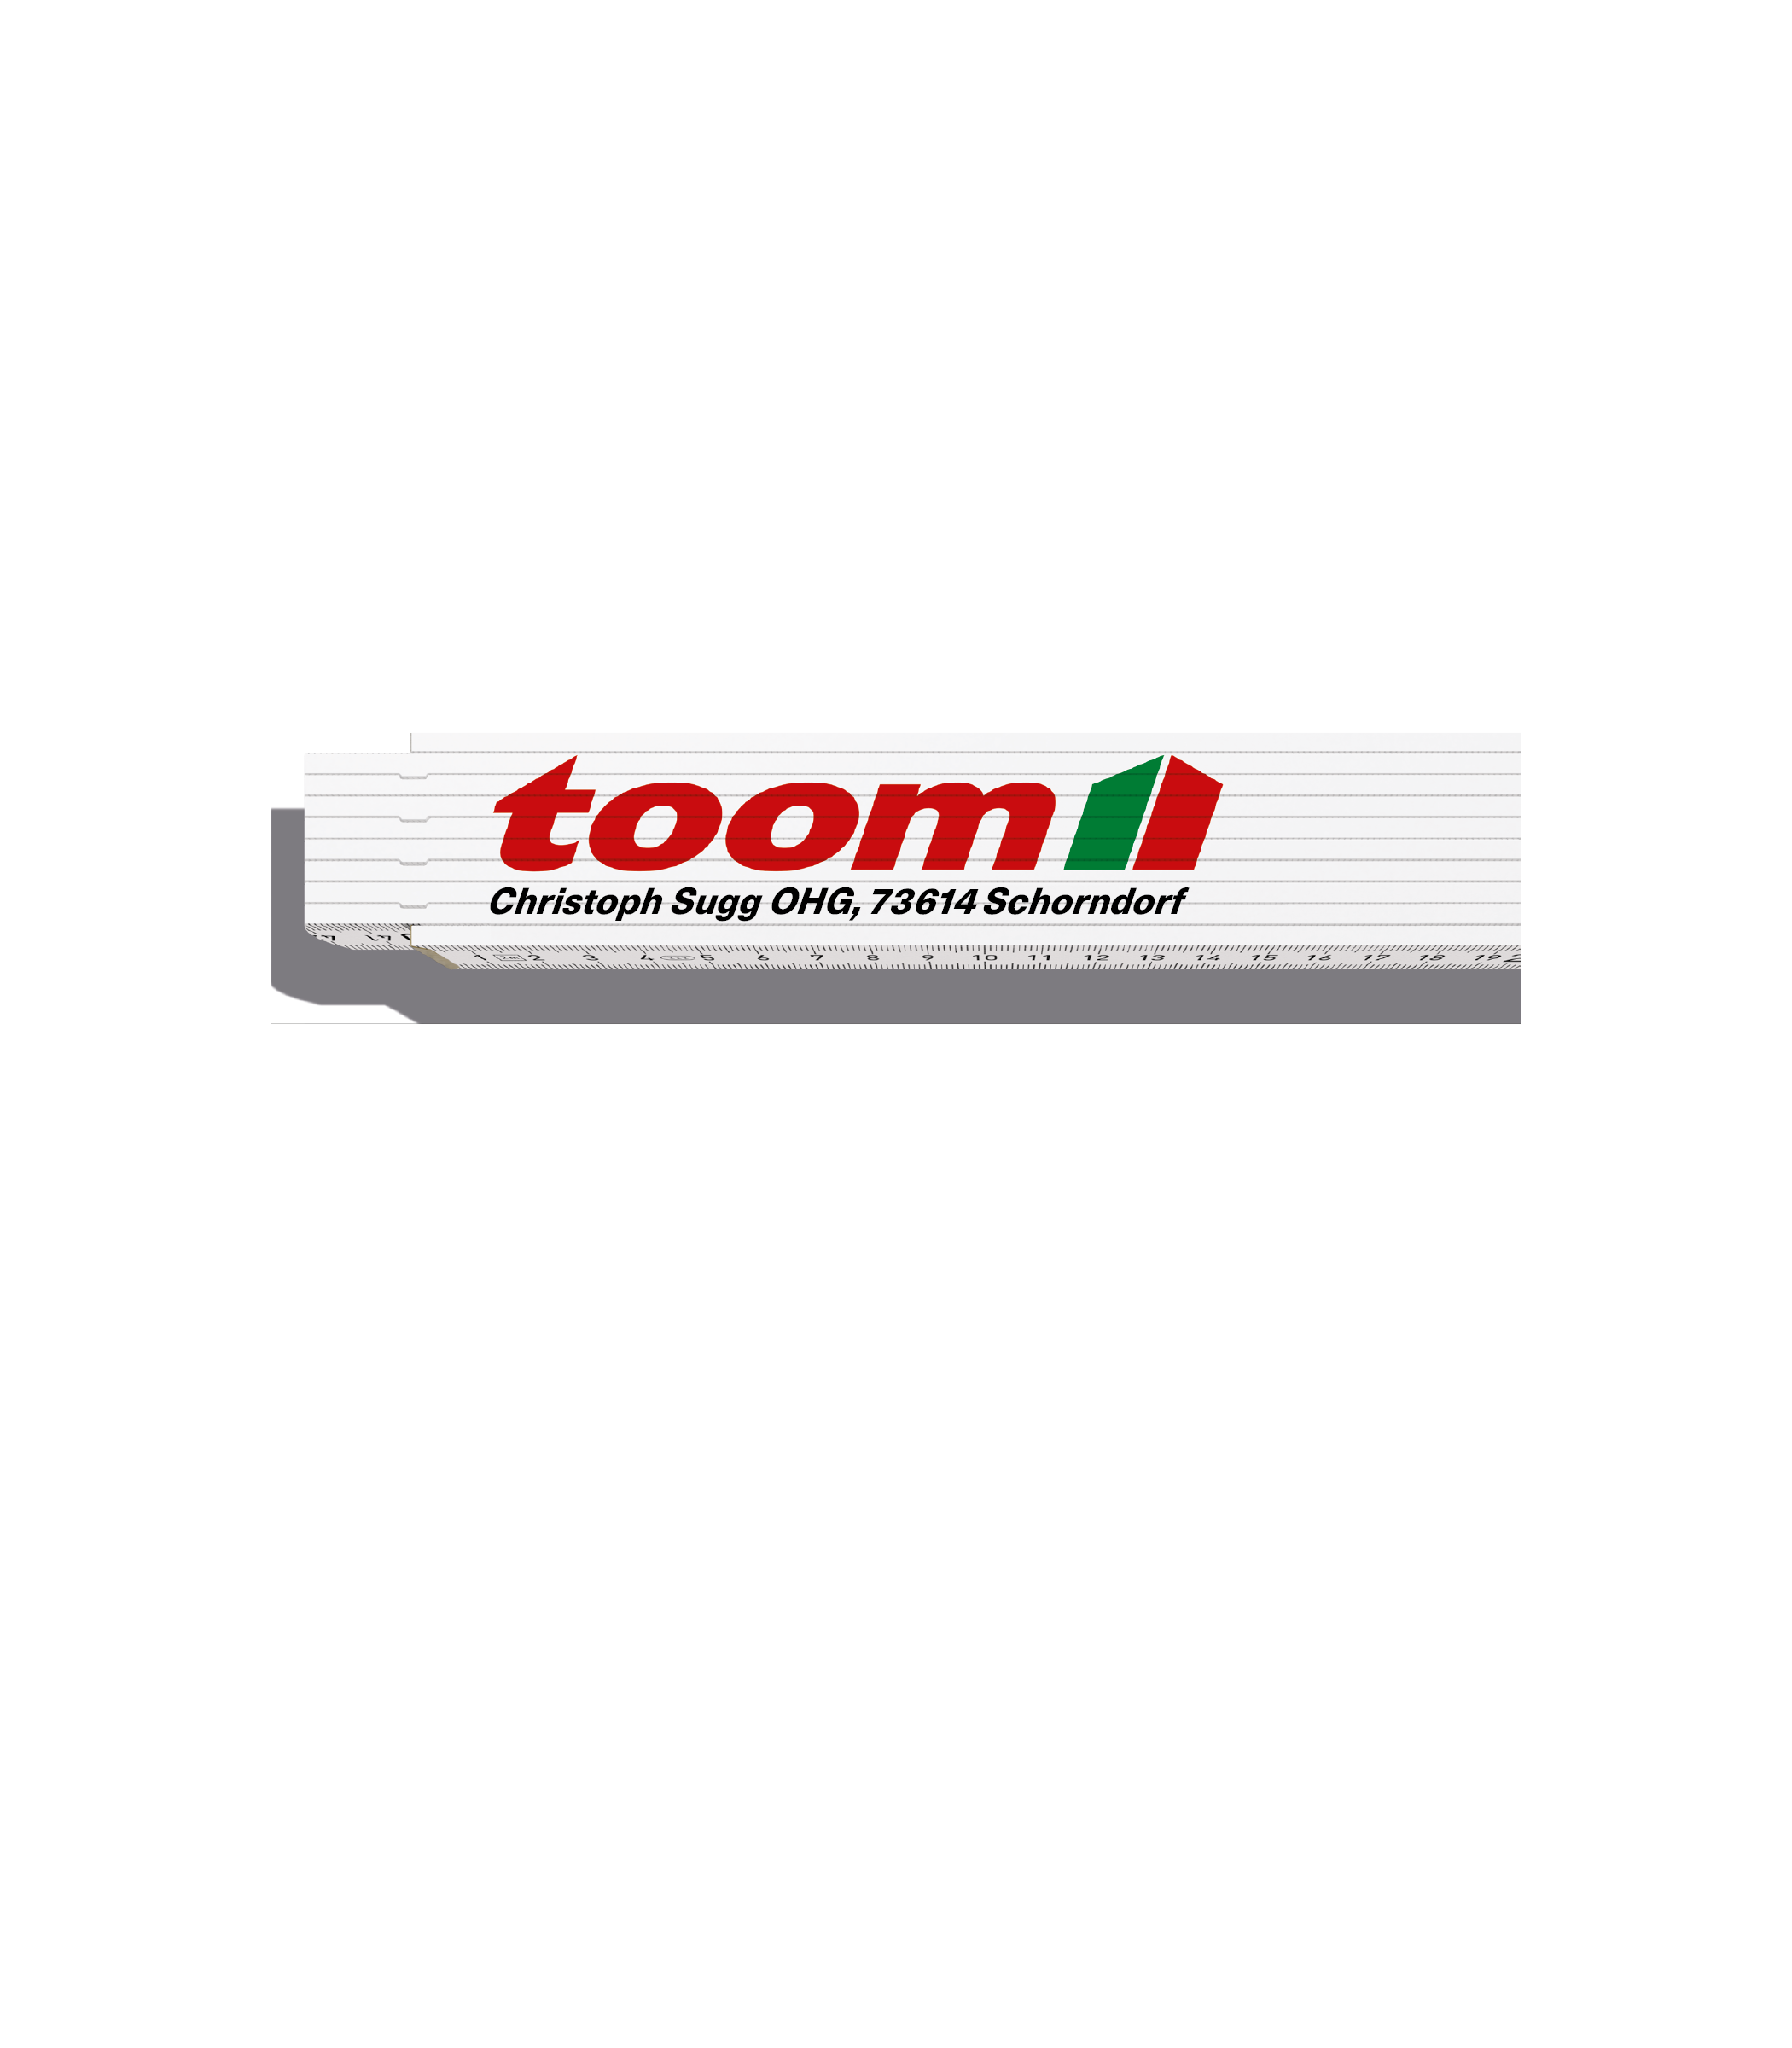 Logo Toom